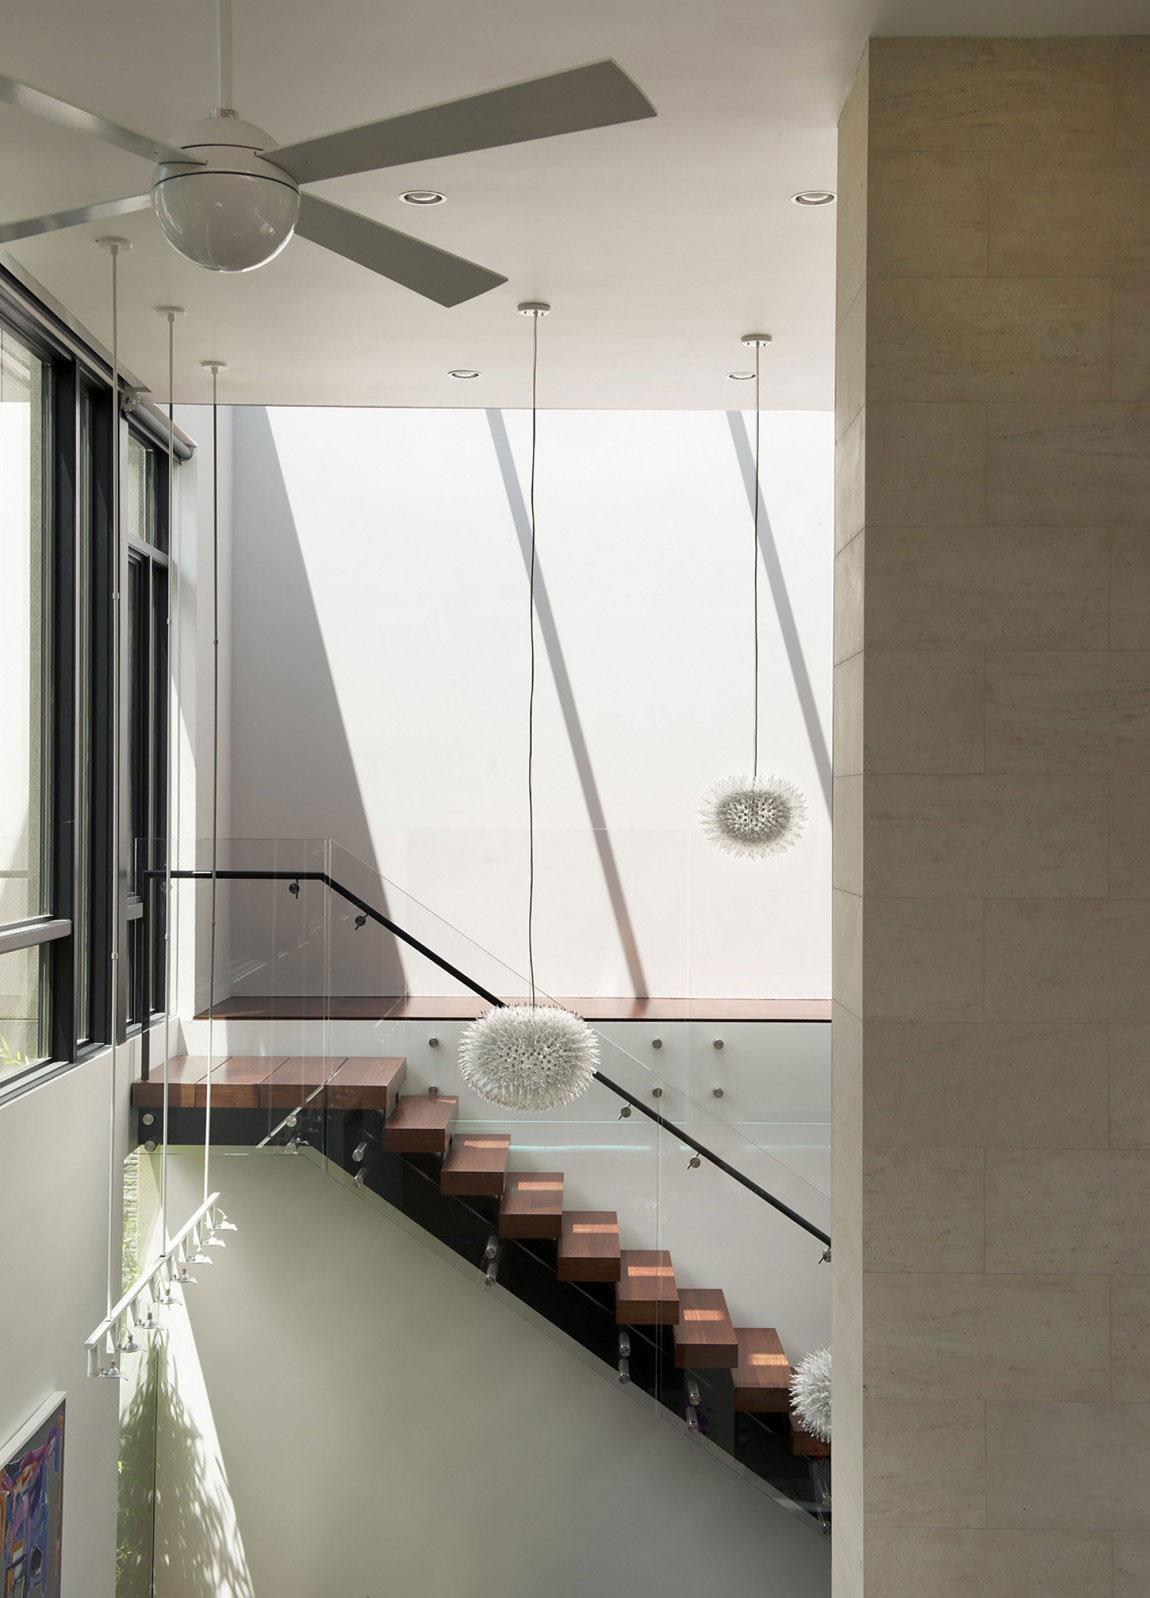 Brandywine House är en inspiration för inredning och arkitektur 10 Brandywine House är en inspiration för inredning och arkitektur